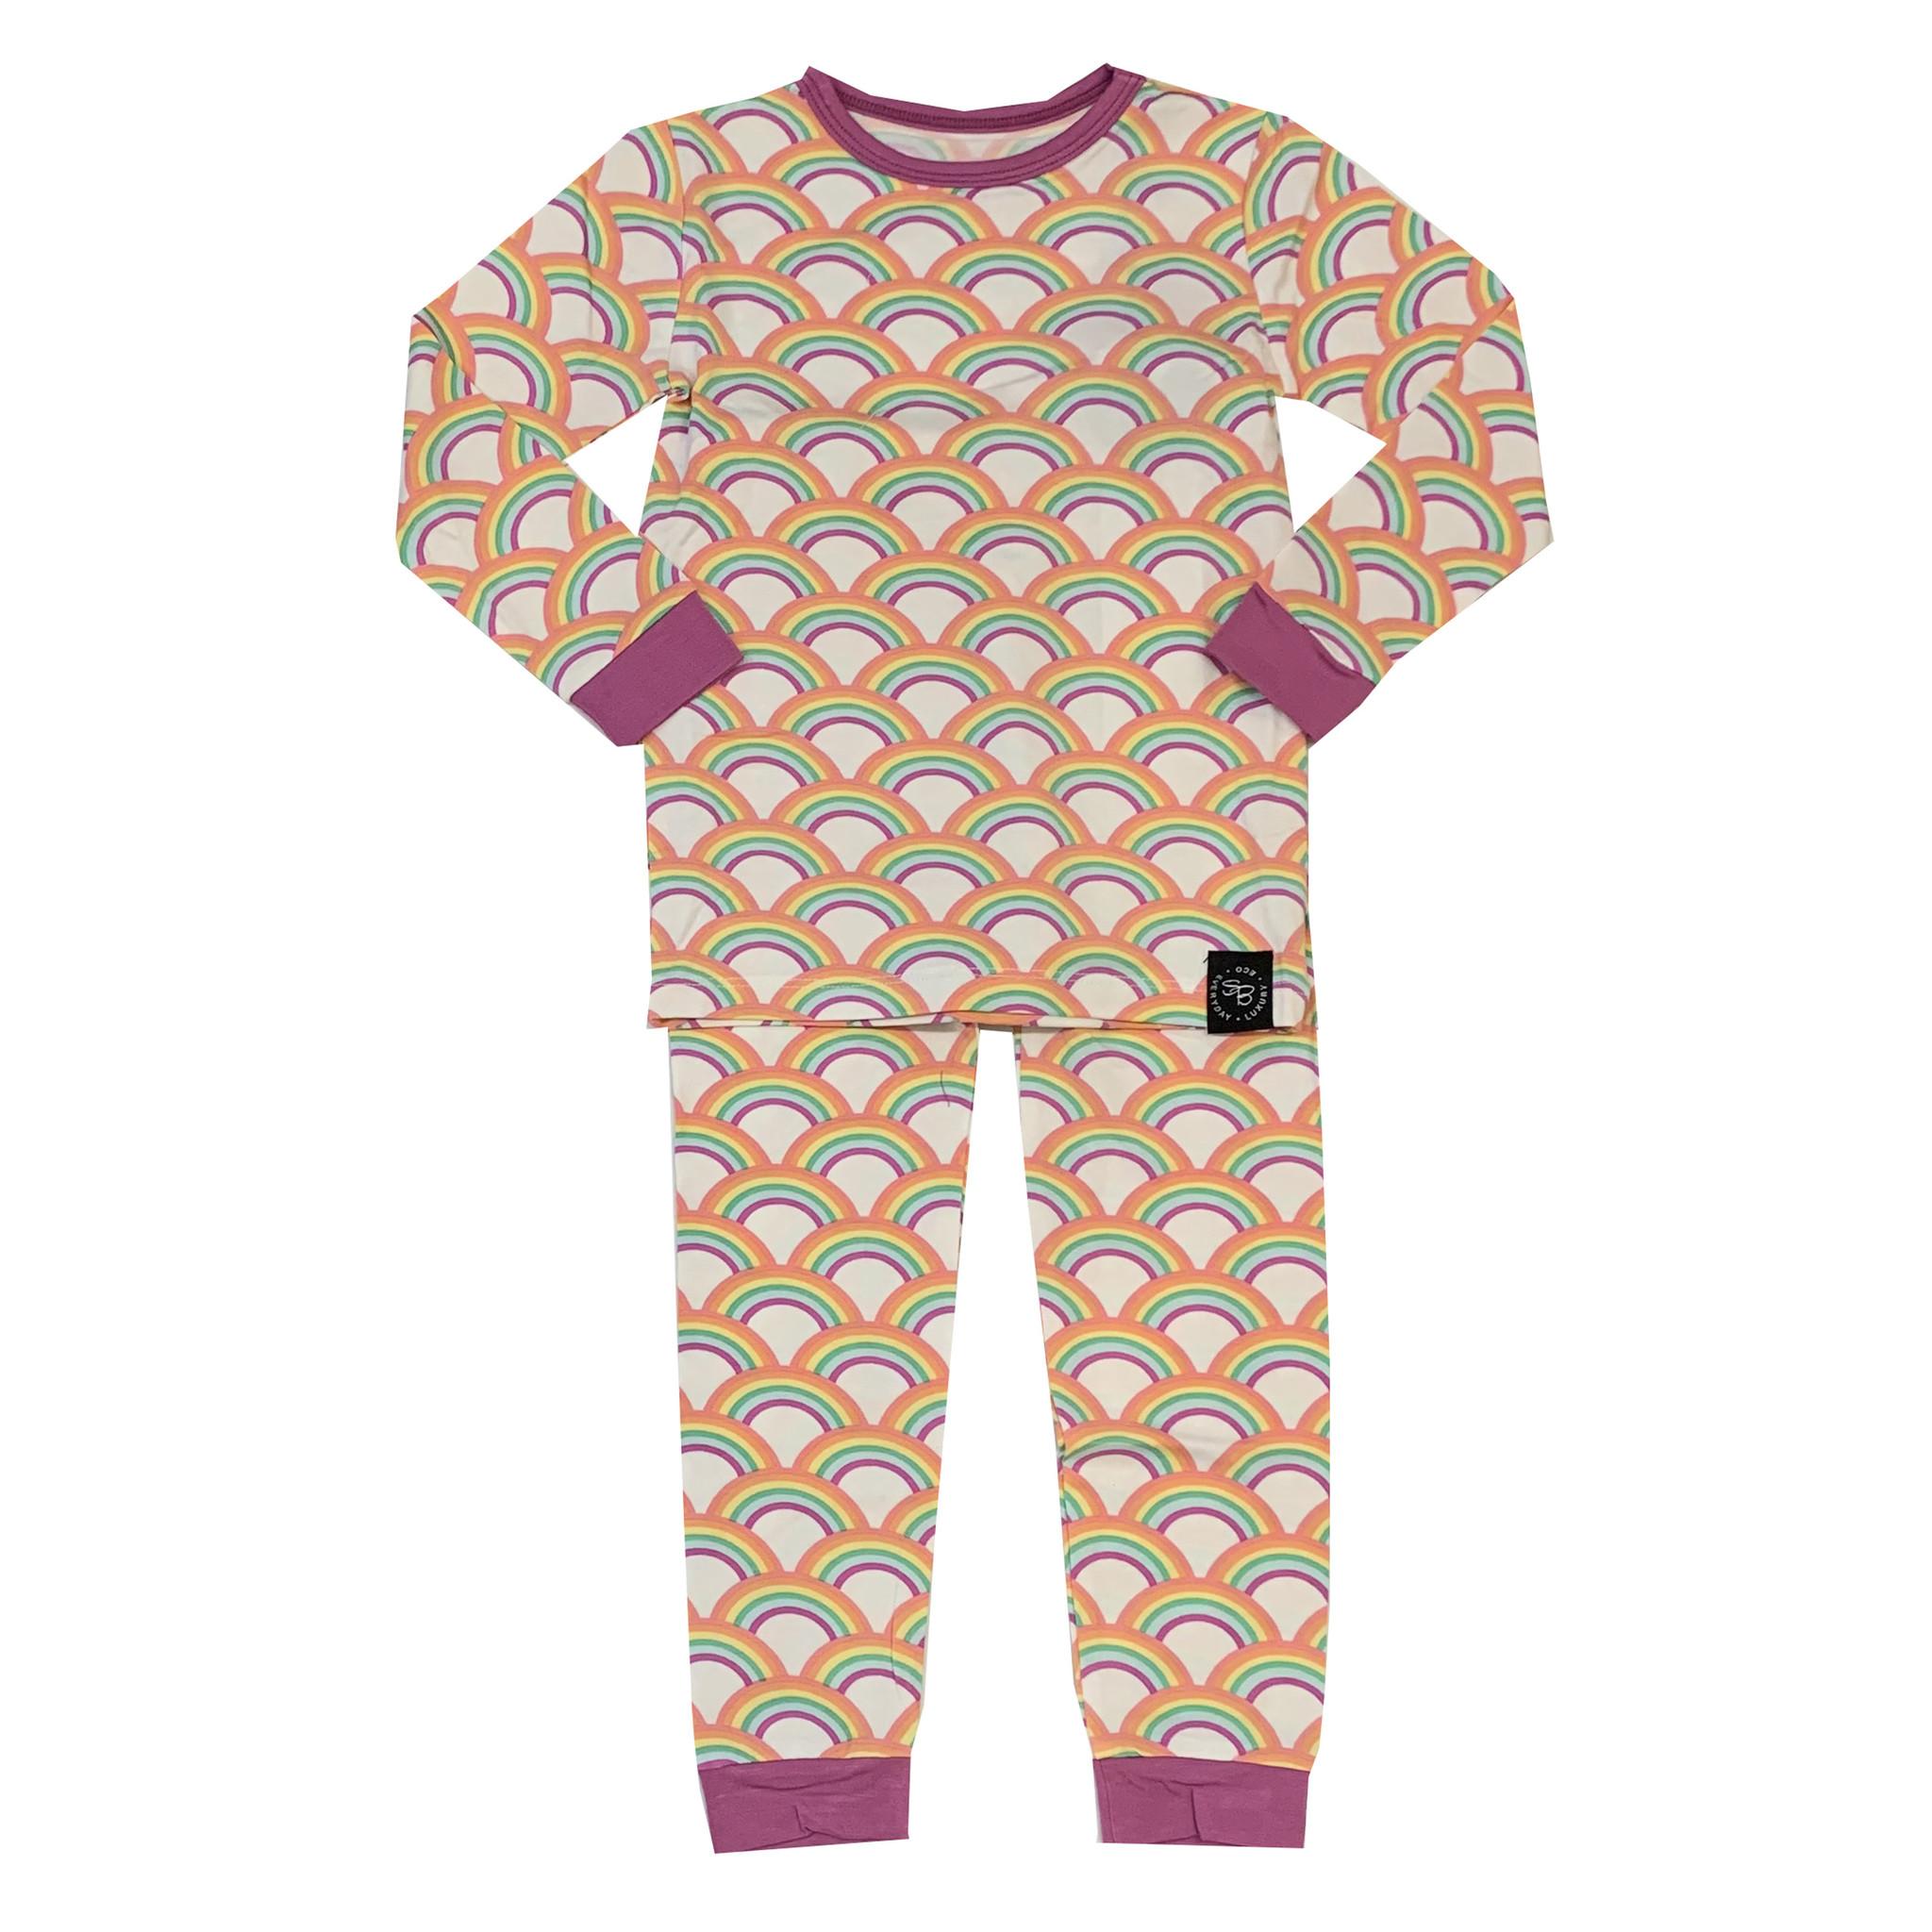 Sweet Bamboo Rockin' Rainbow Infant Pajama Set